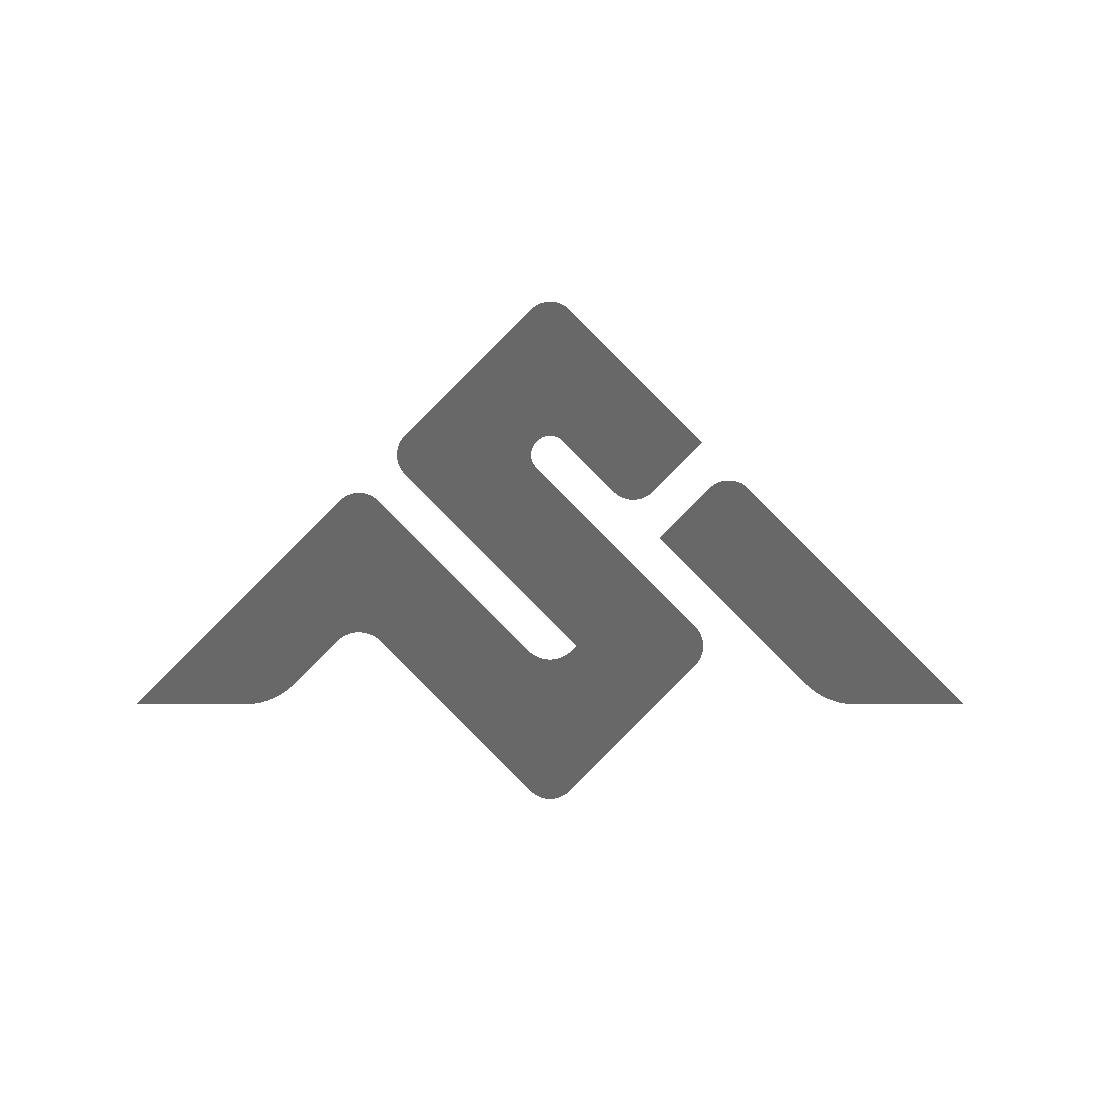 Chaussures Ski Pu Dynafit Rando Neo 1cKlTFJ3